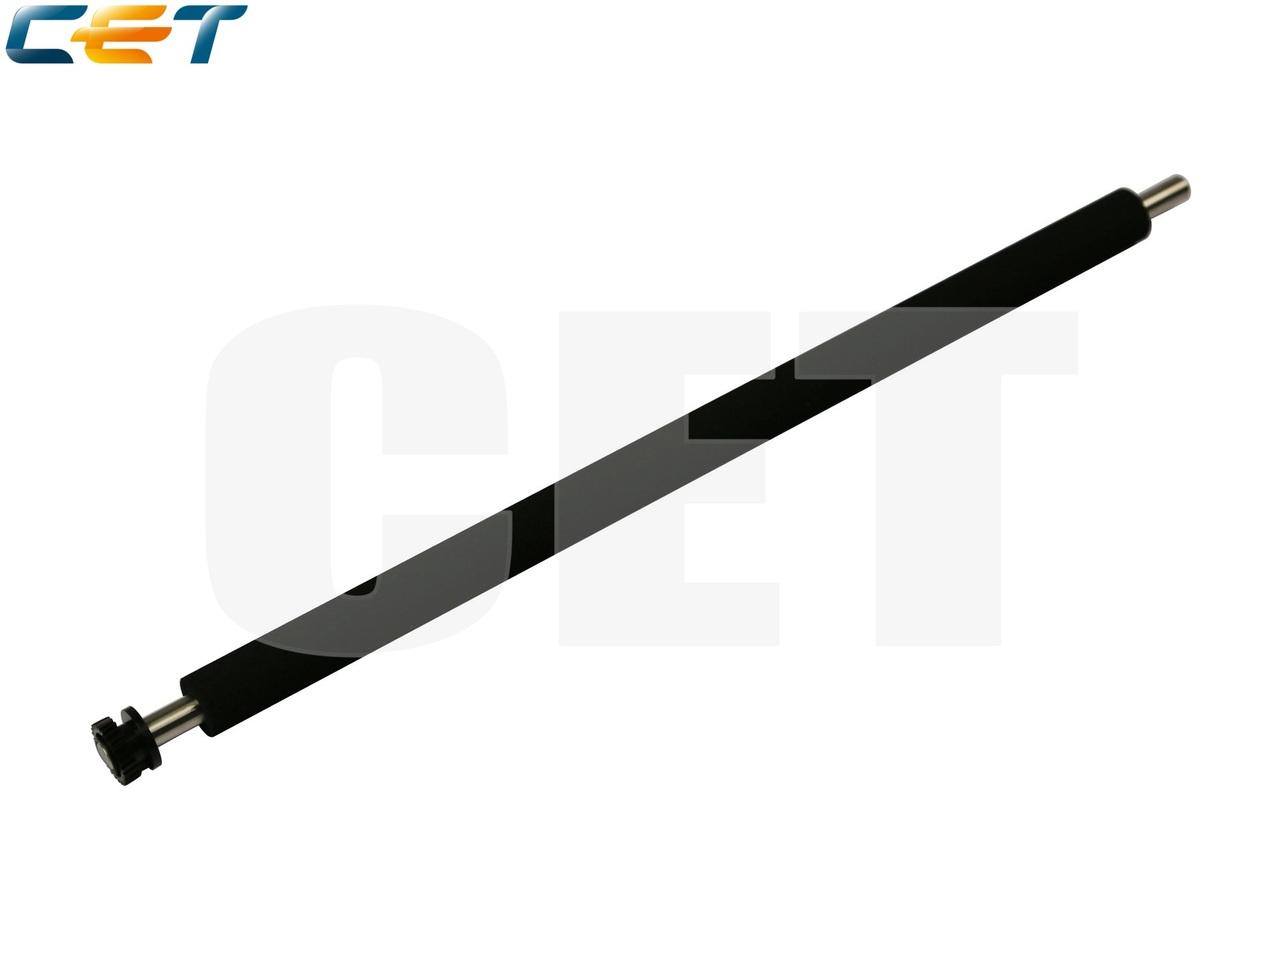 Ролик переноса с шестерней B039-3820 для RICOH Aficio1015/1018 (CET), CET6125